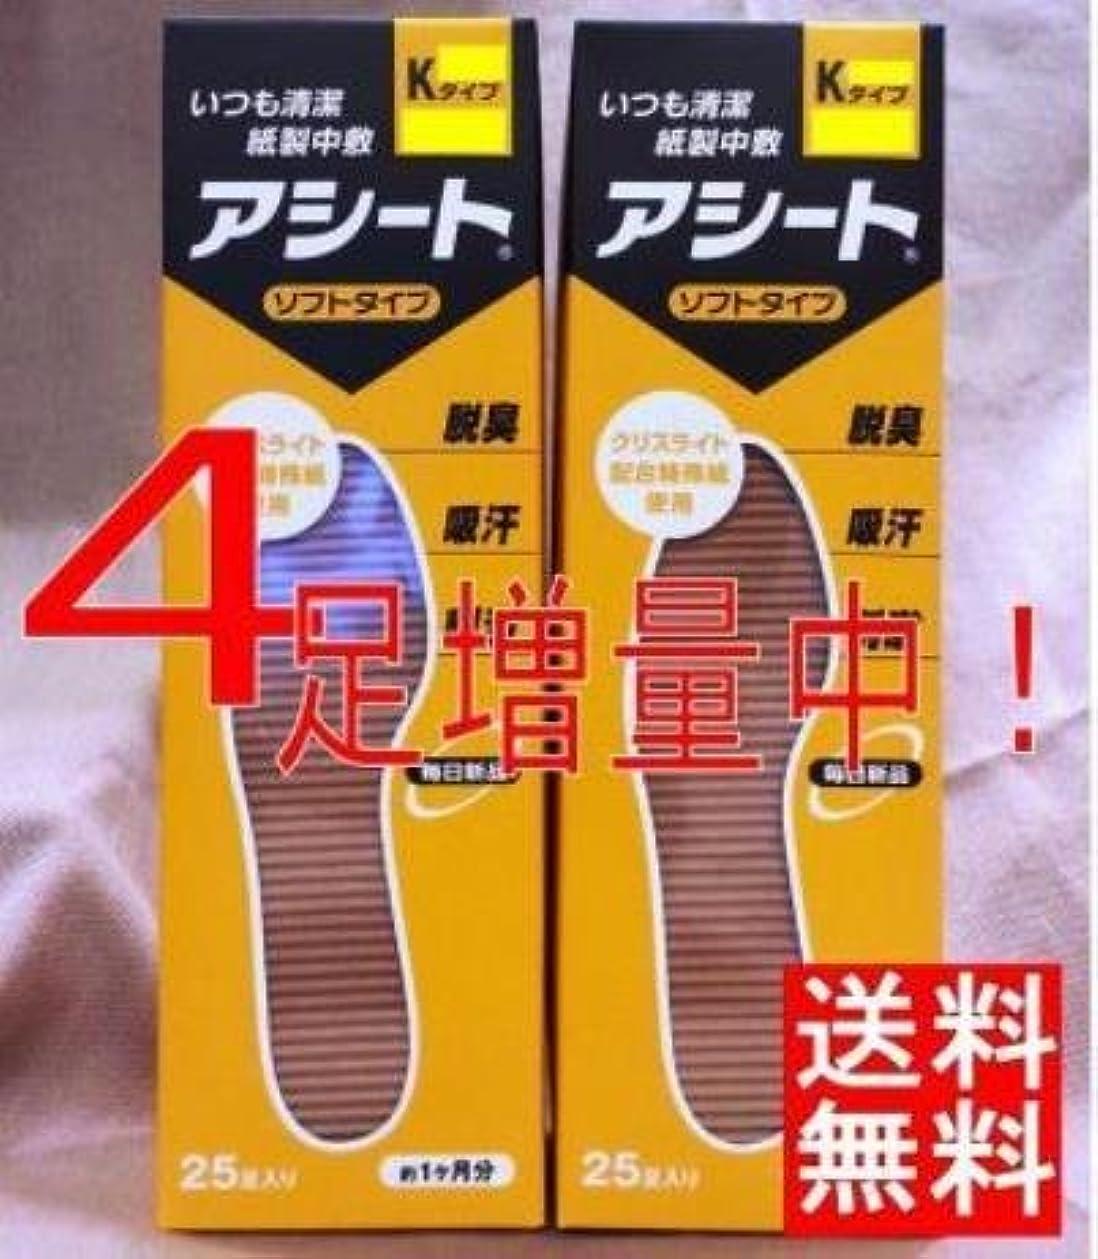 きゅうりむしゃむしゃ合法アシートK(サイズ25cm)×2箱セット(4足増量中)